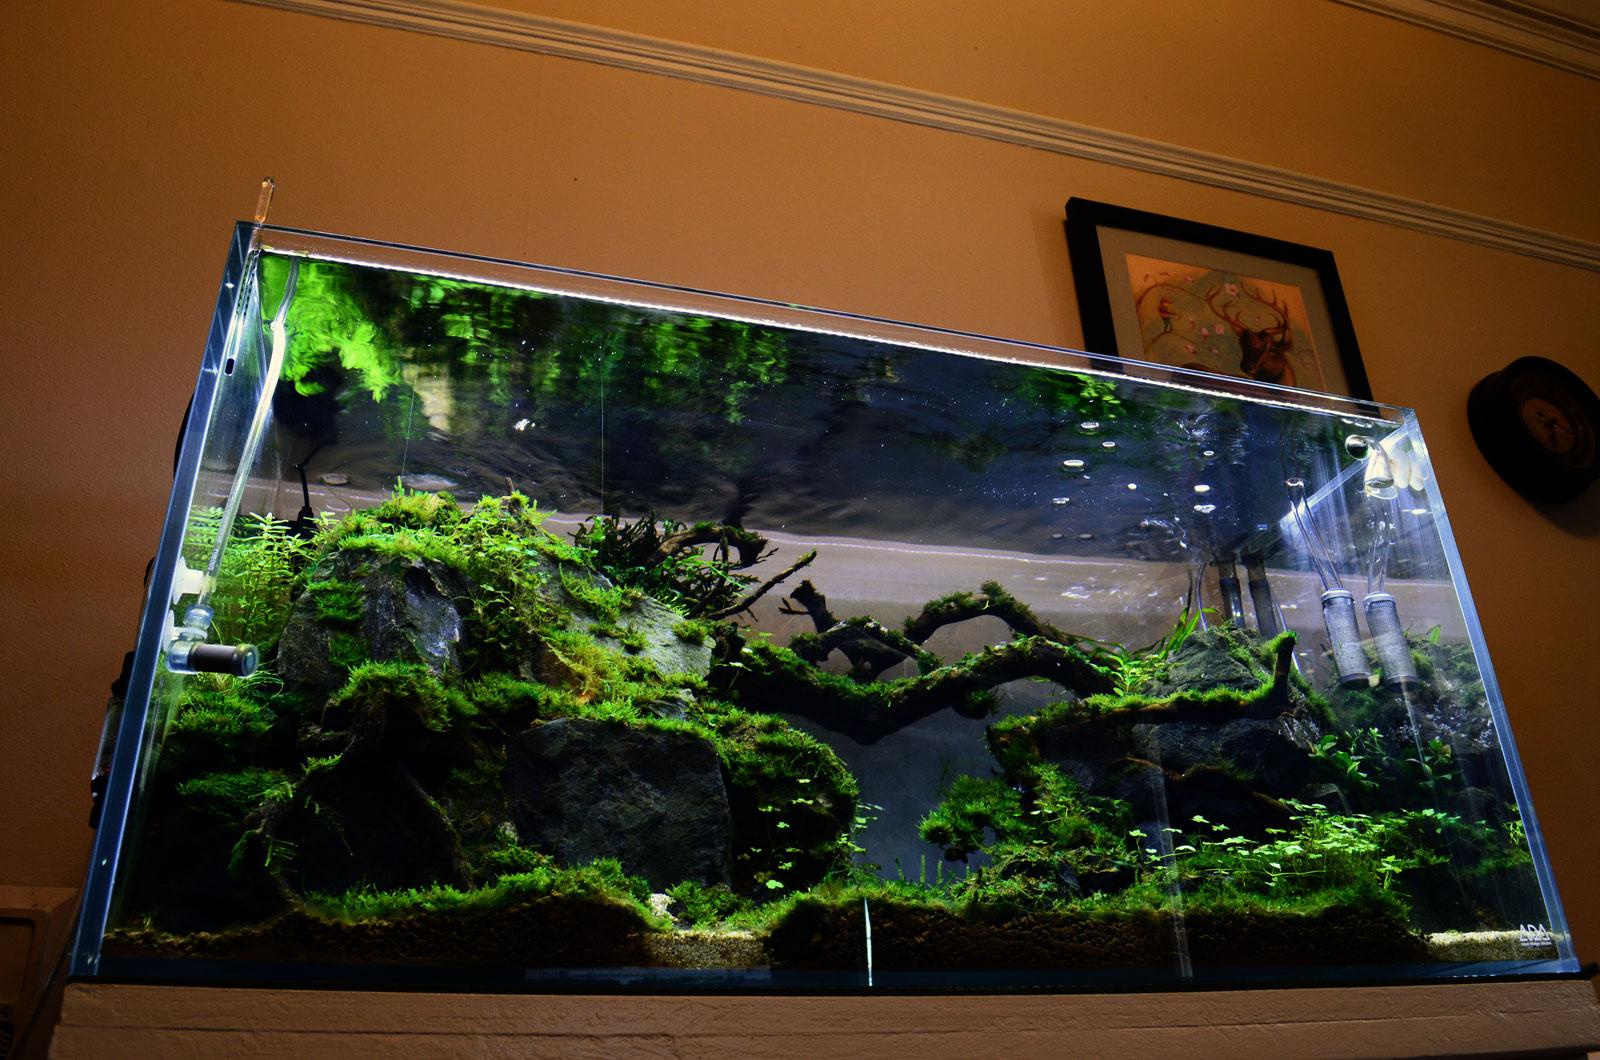 Aquarium shrimp tank images galleries for Shrimp fish tank